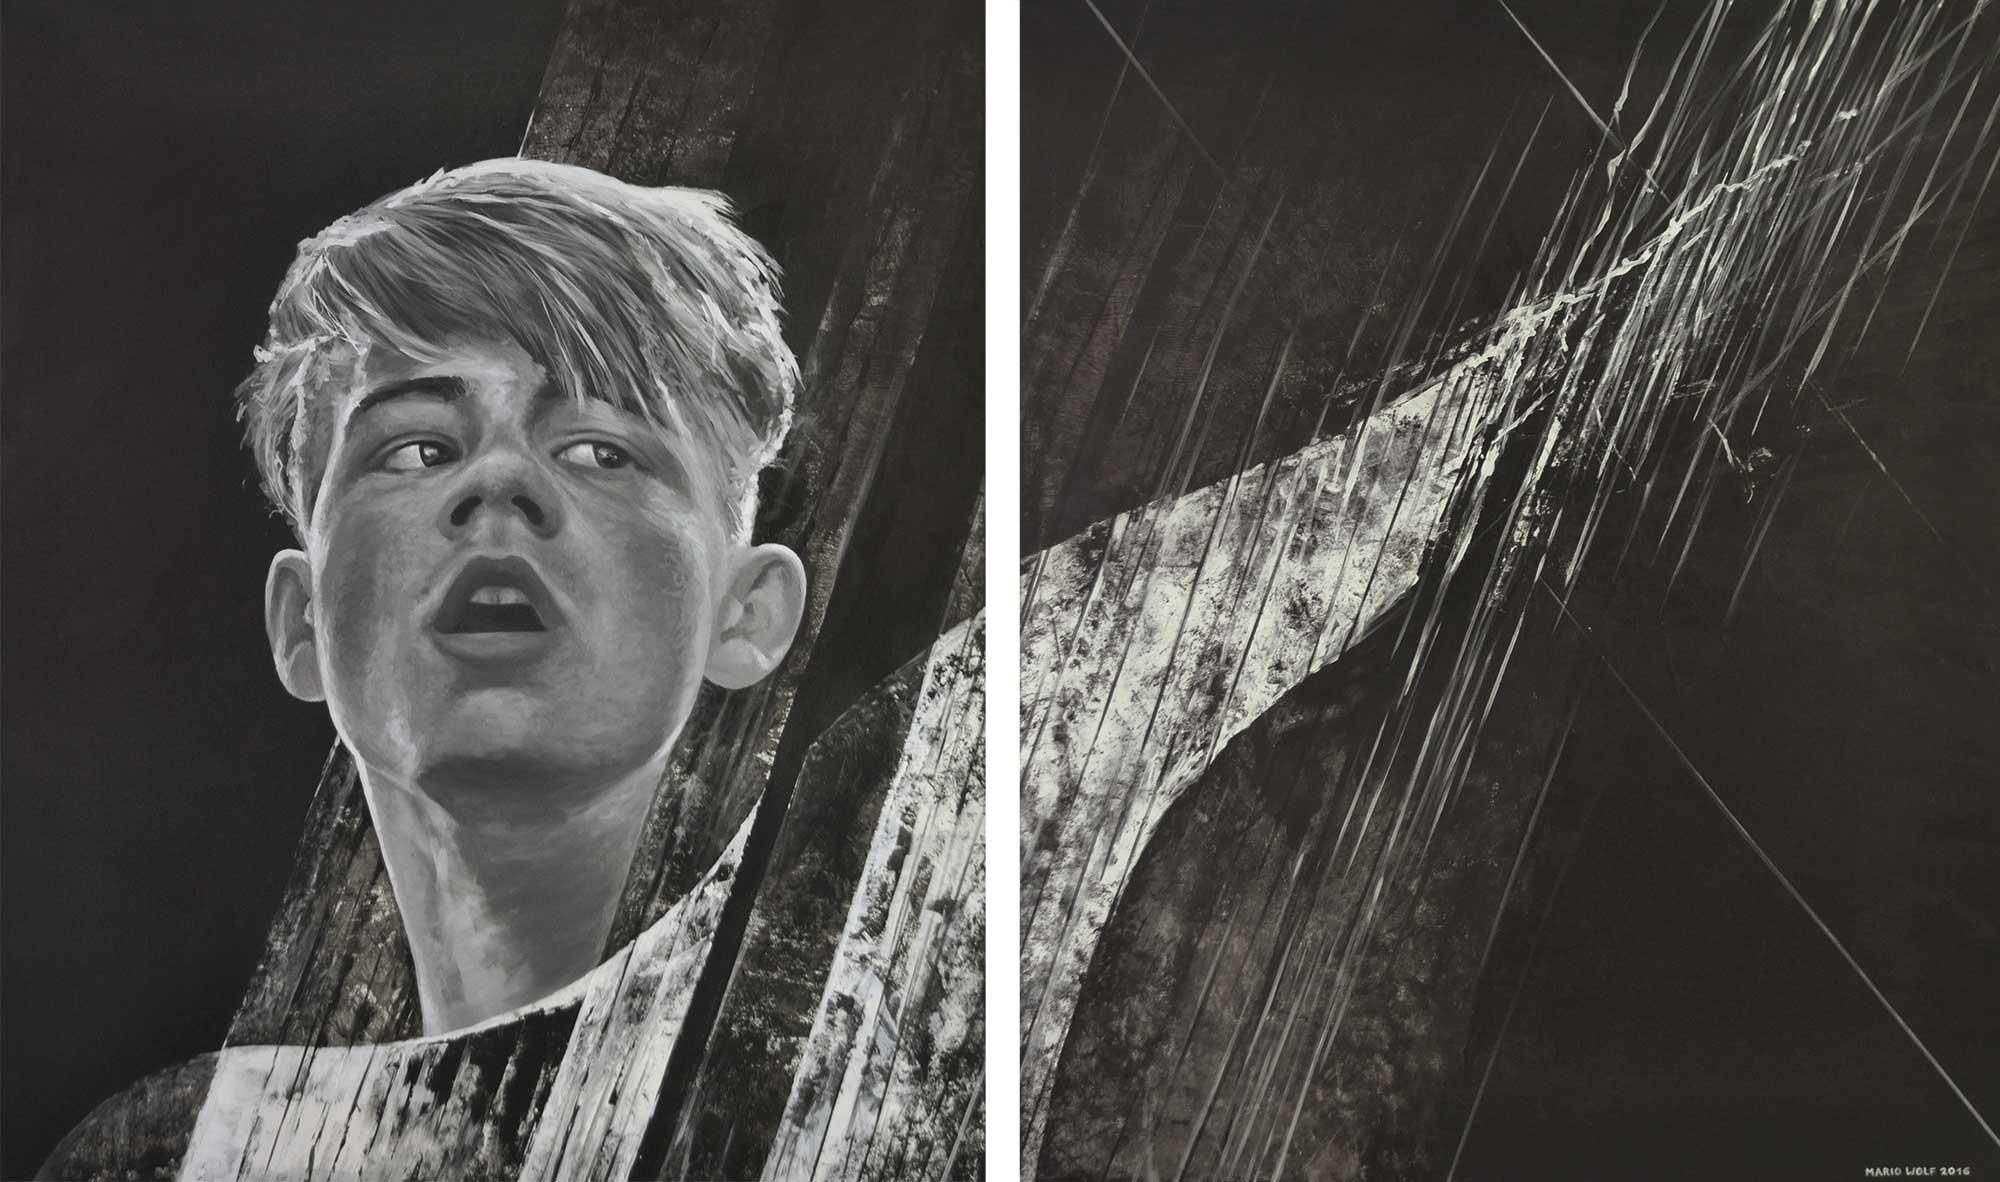 Irrlicht - Kunst, Gemälde vom Künstler Mario Wolf